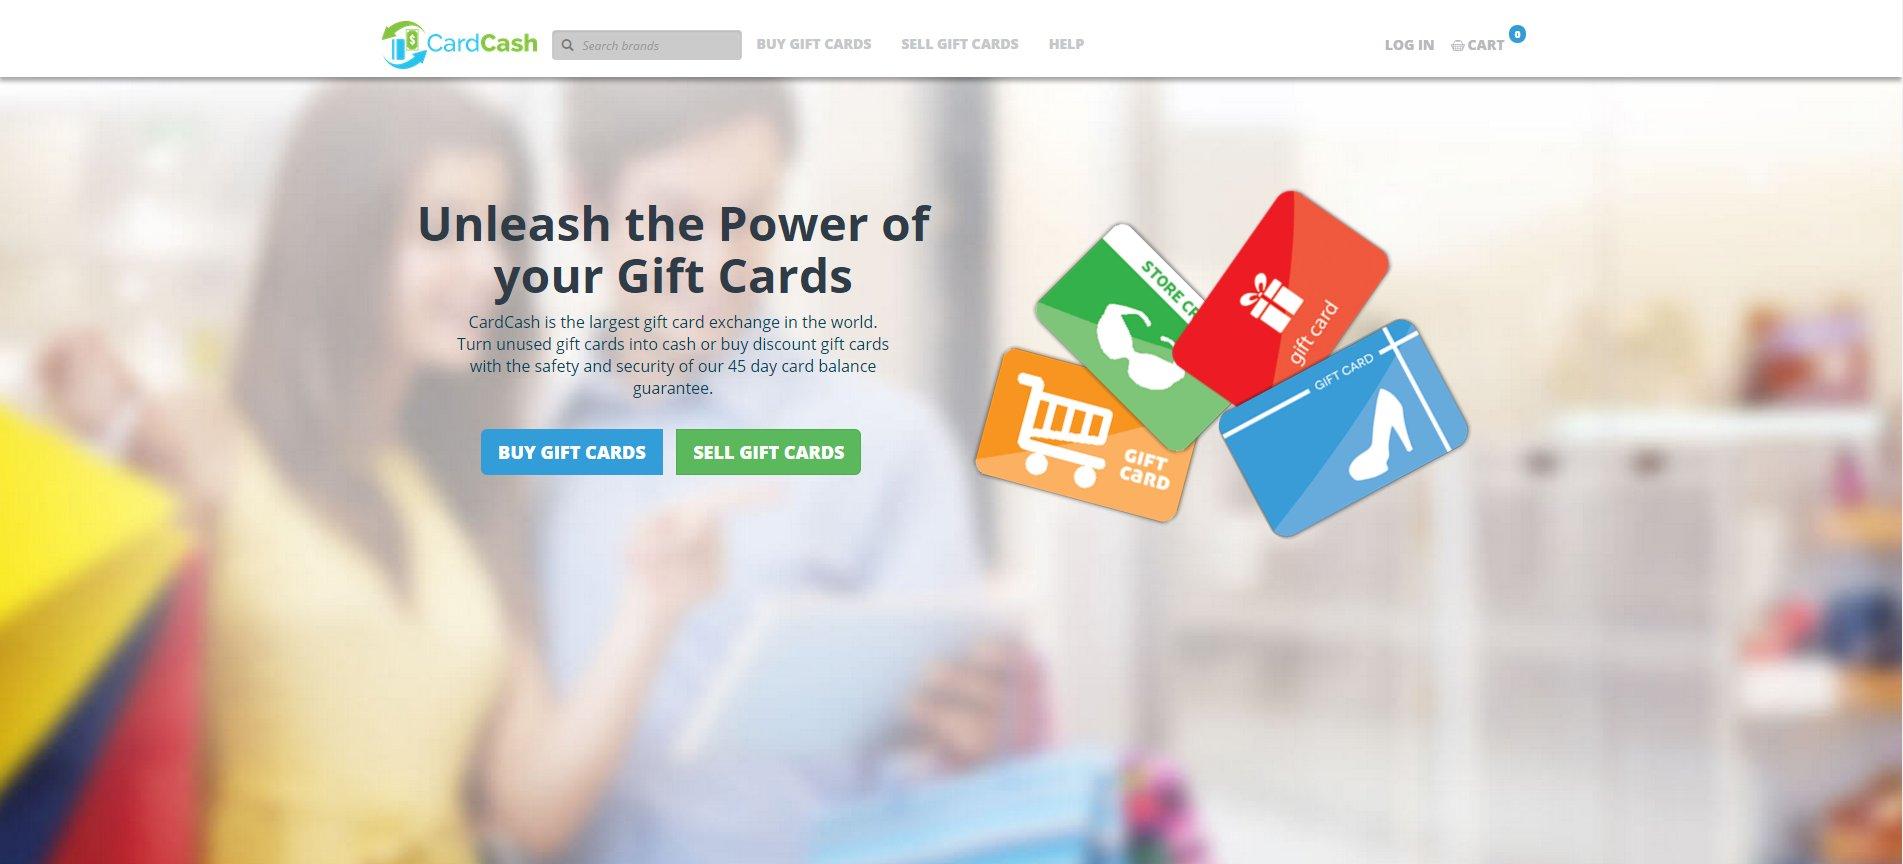 Cardcash.com